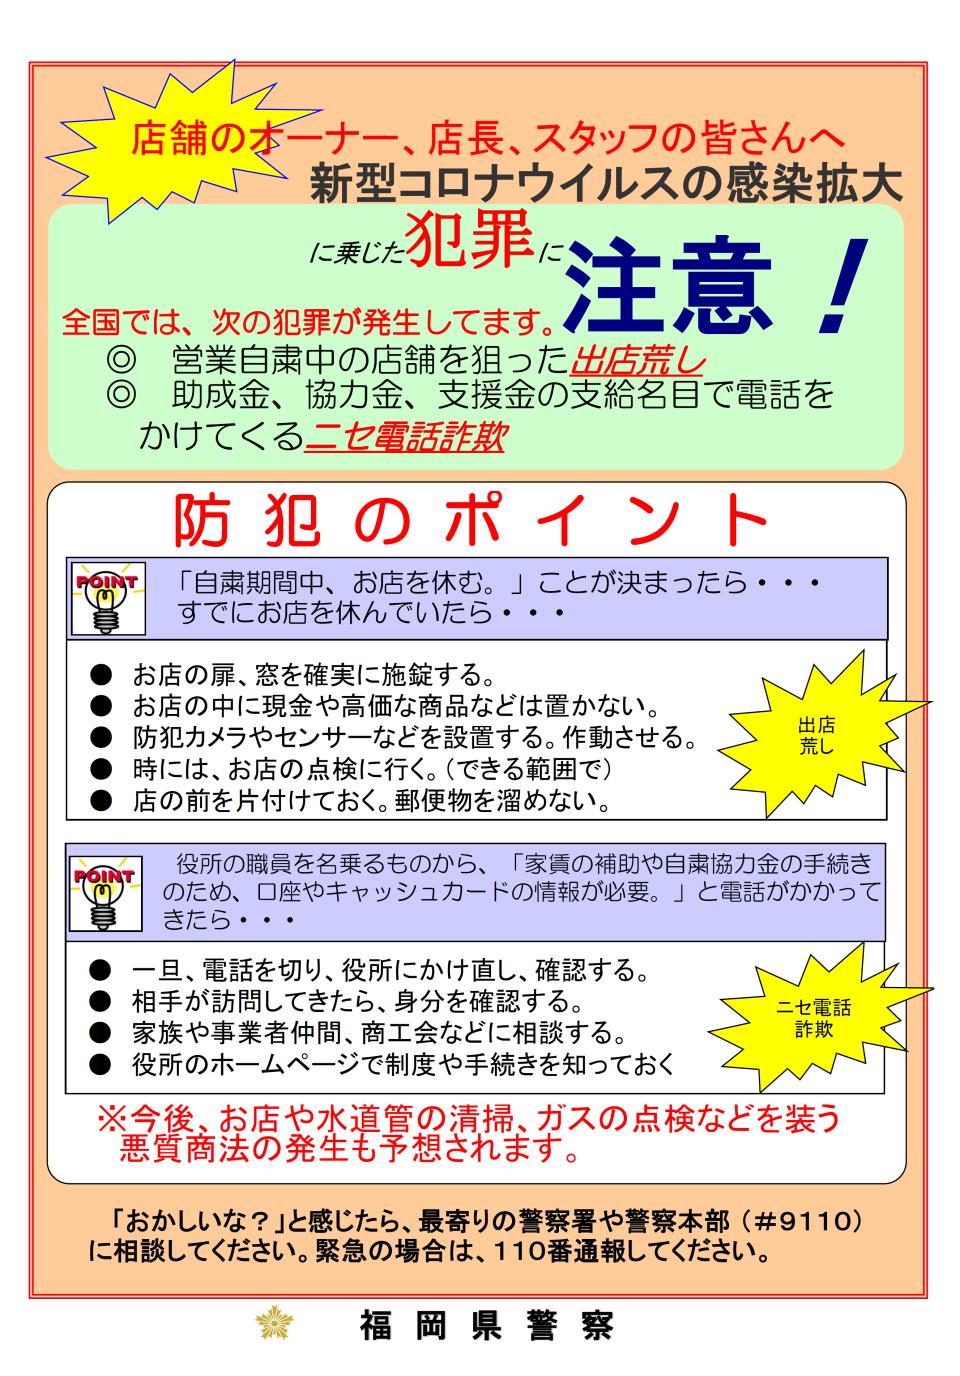 福岡 県 コロナ 情報 最新